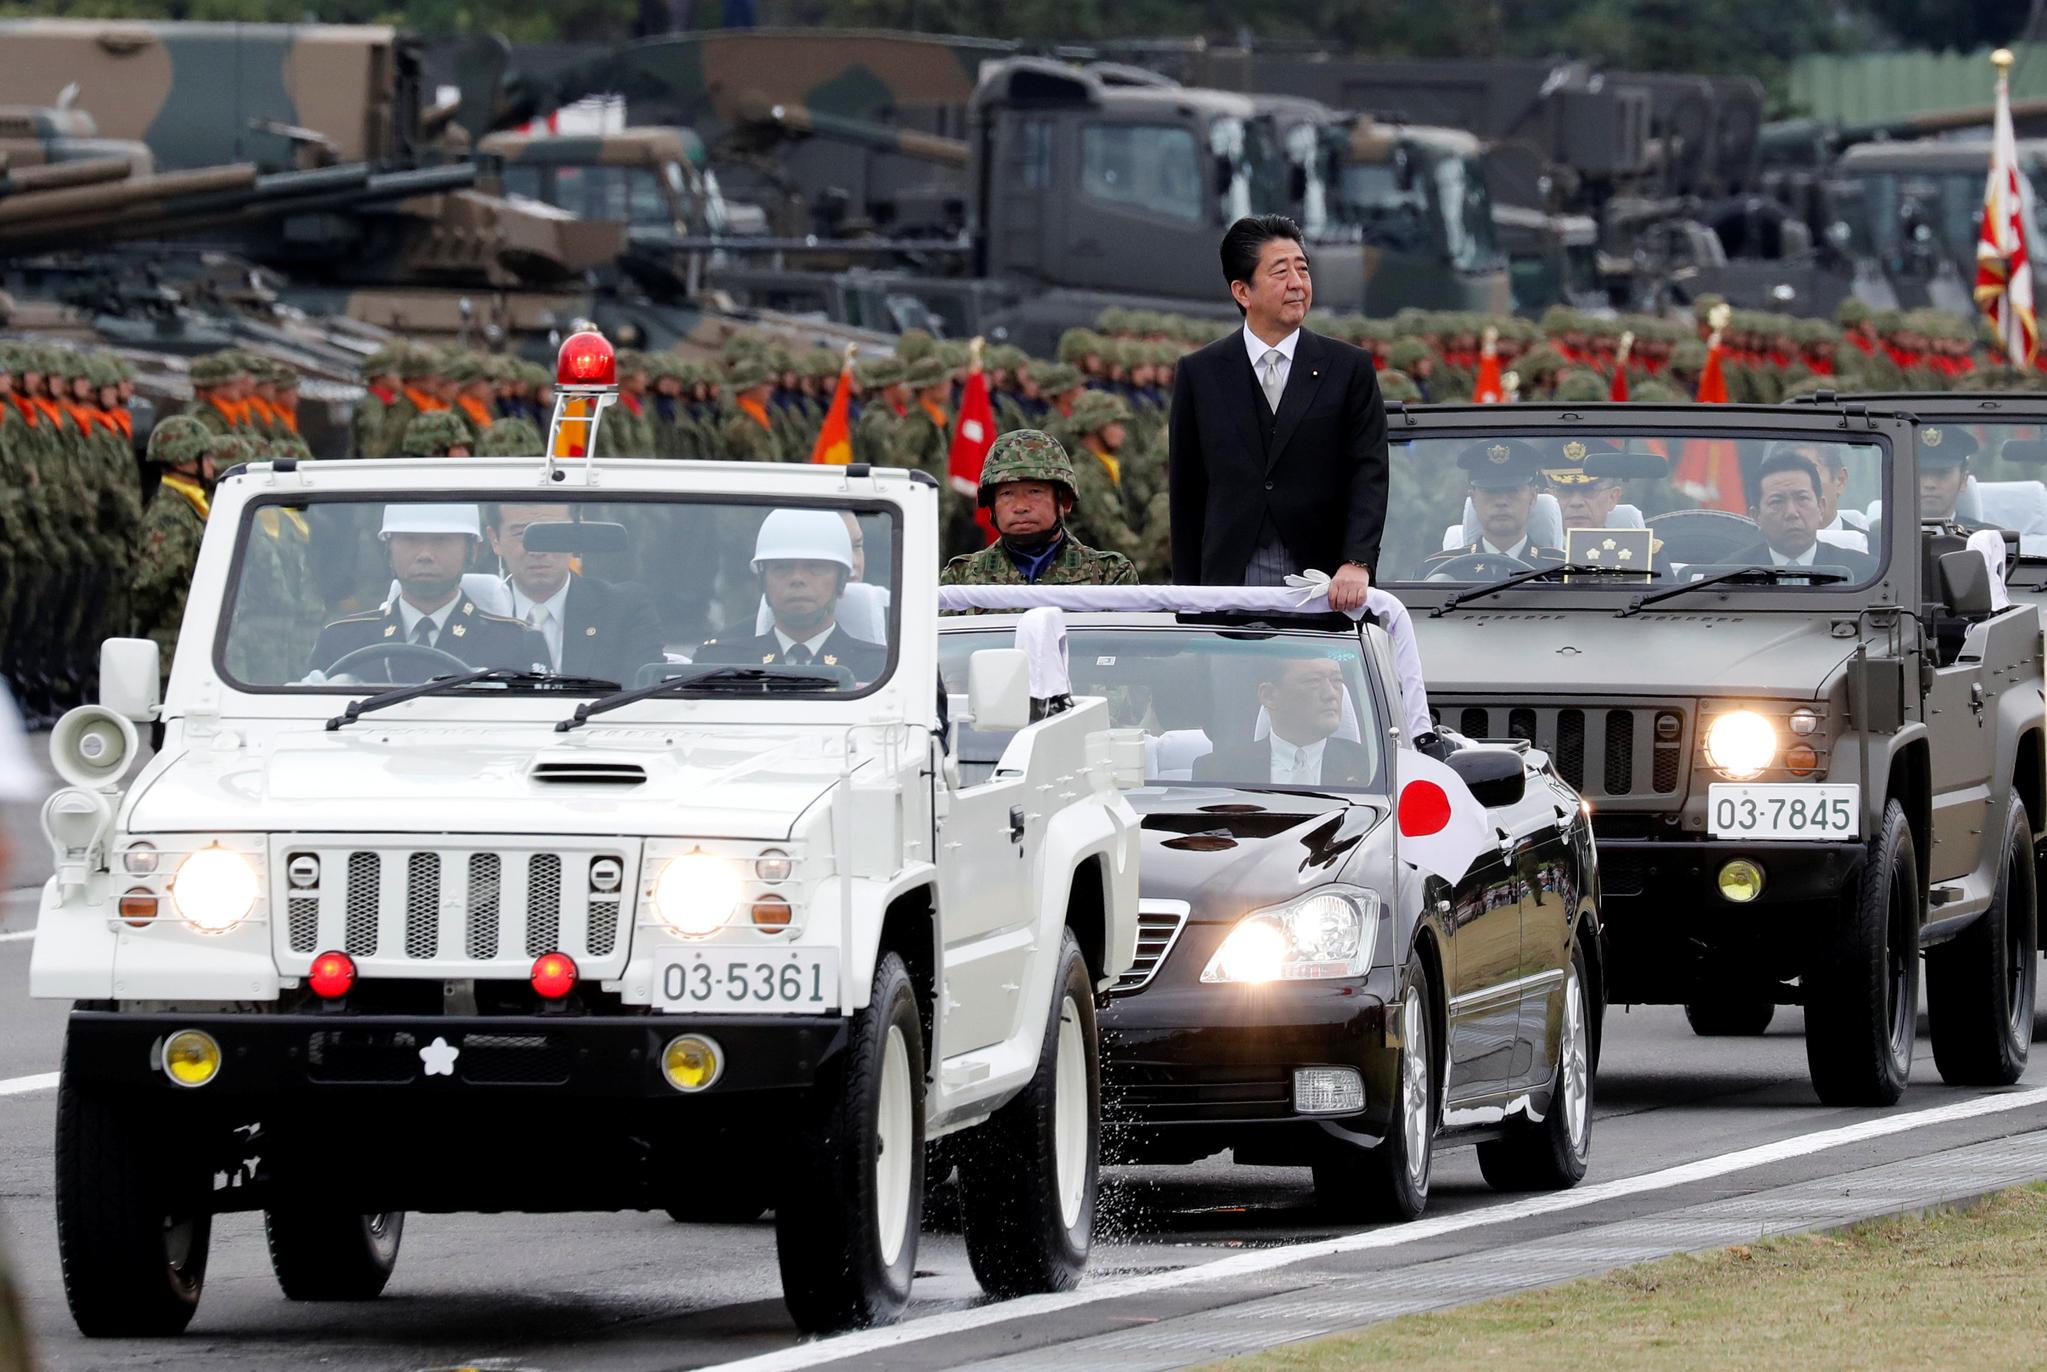 아베 일본 총리가 차량에 올라 자위대를 사열하고 있다. [로이터=연합뉴스]